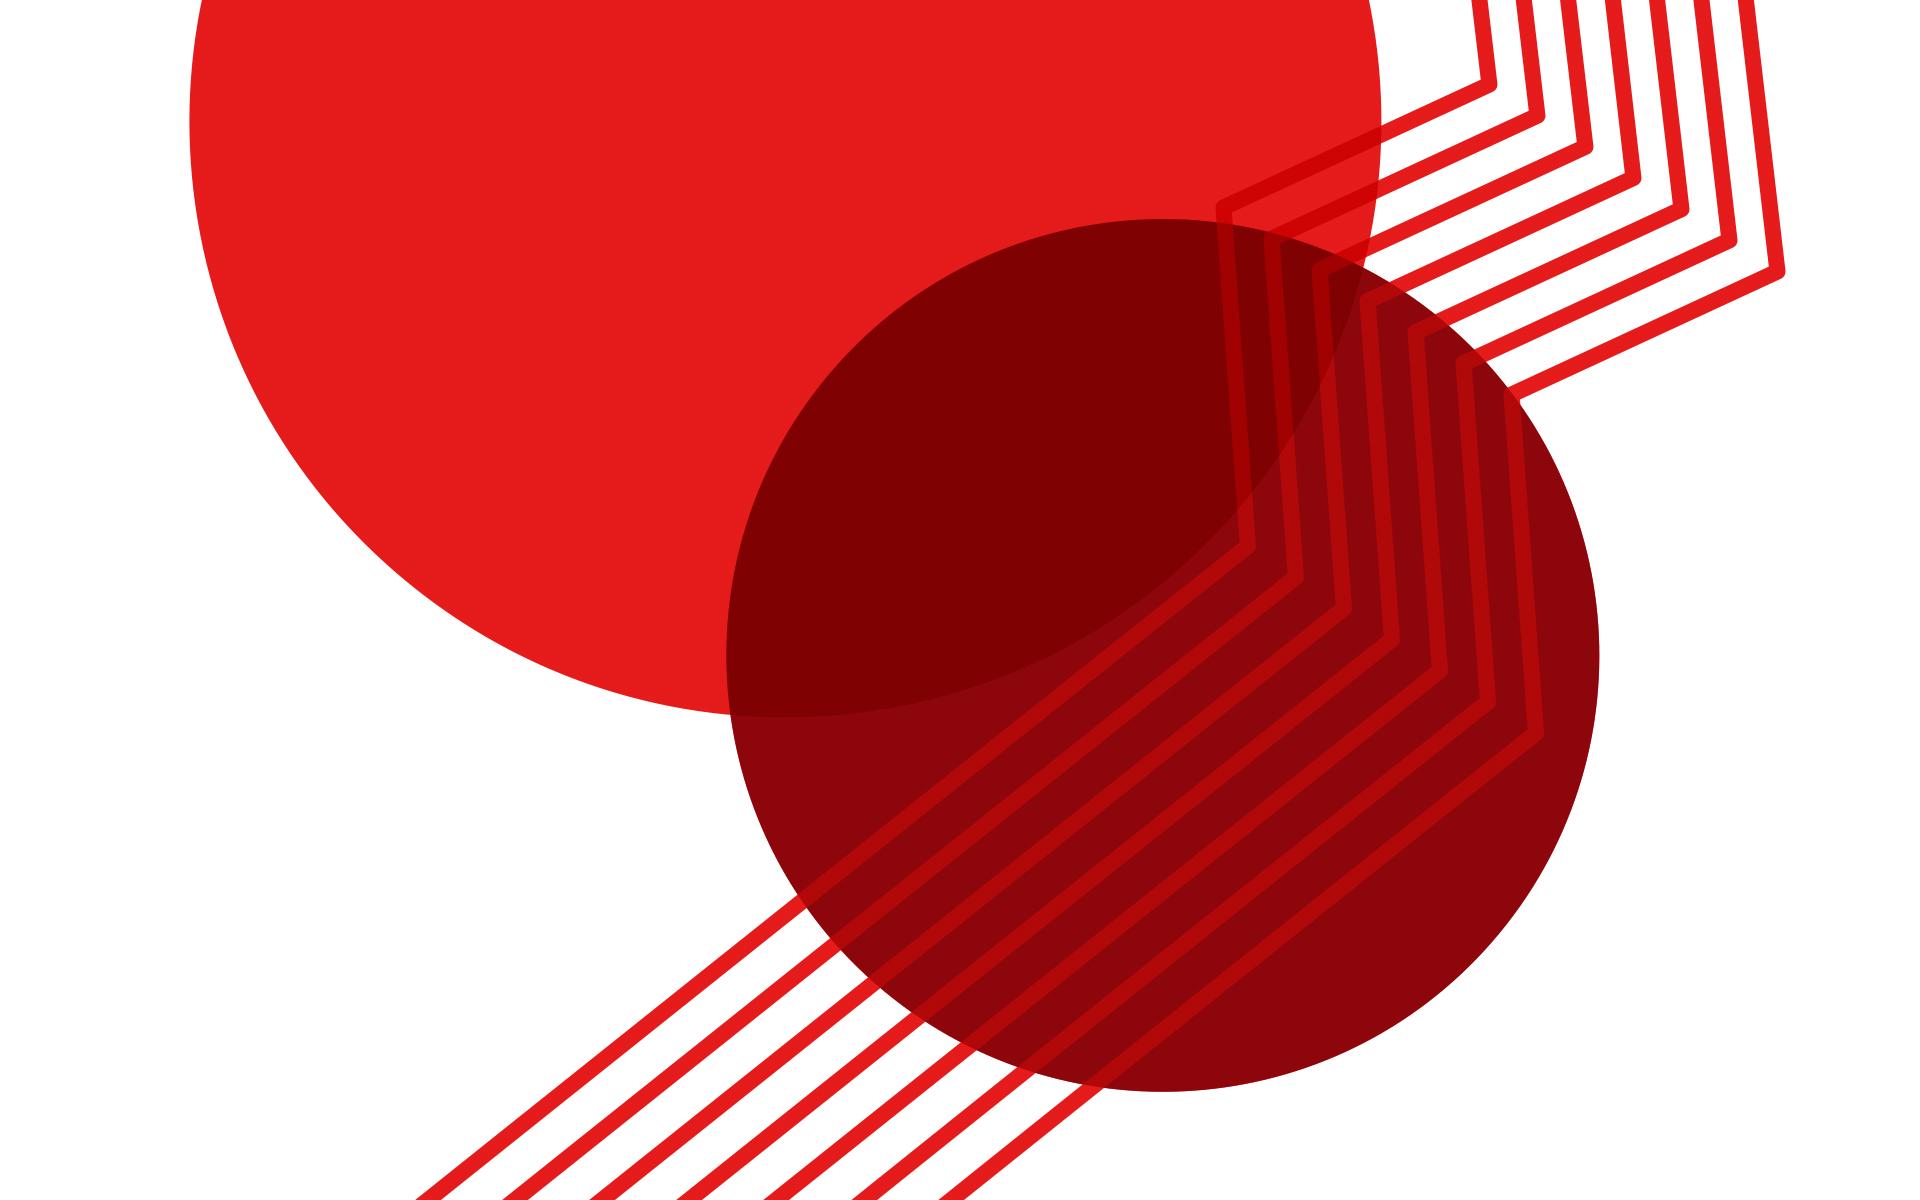 Trainerakademie Köln Corporate Design, Kombination von Gestaltungselementen